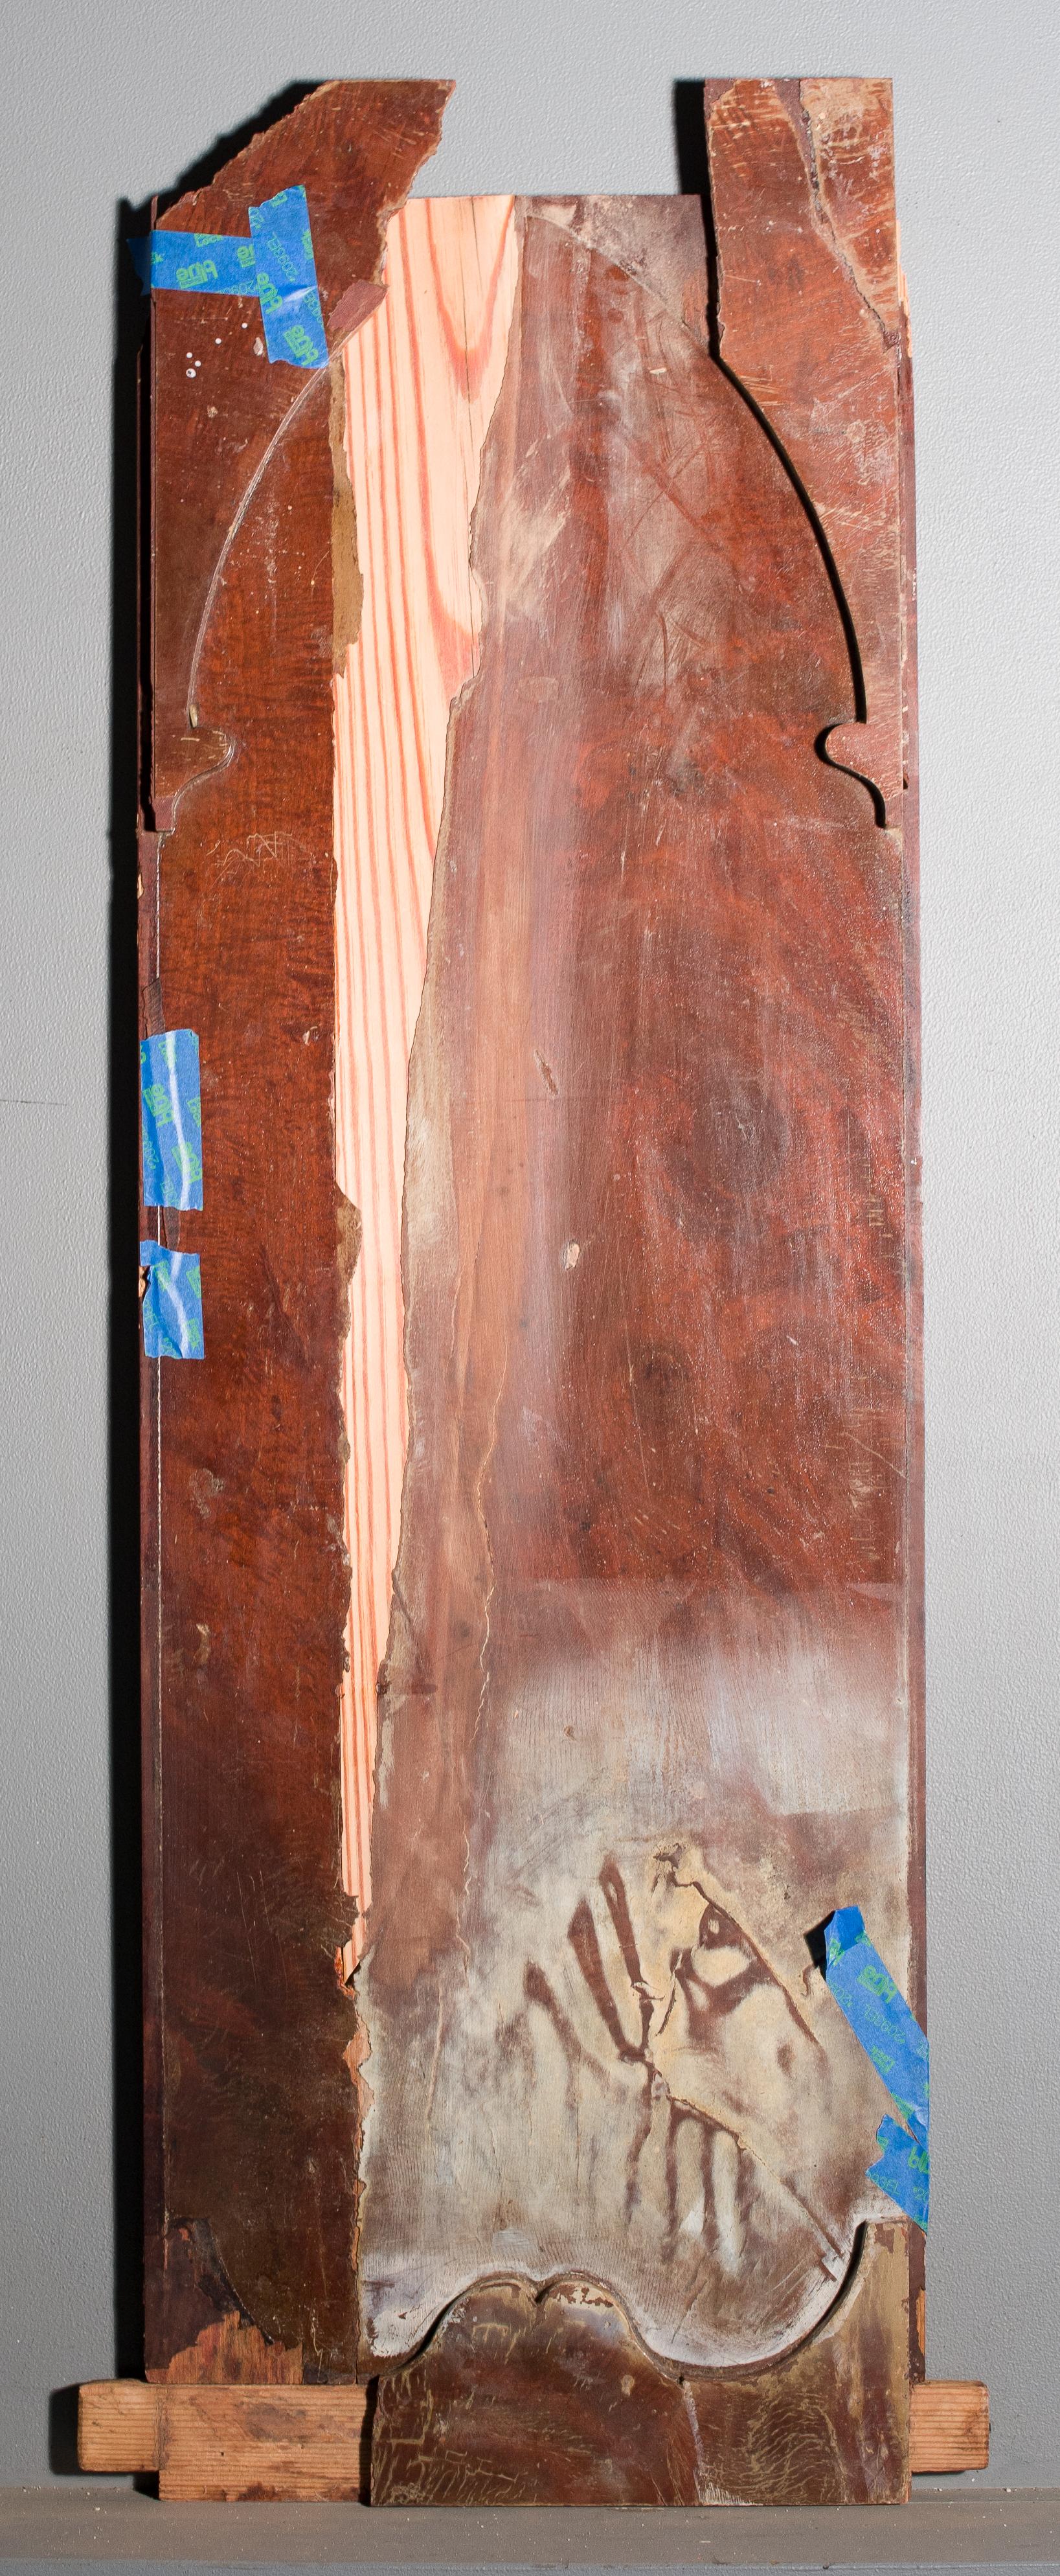 Wedge-shaped, long leaf pine restoration